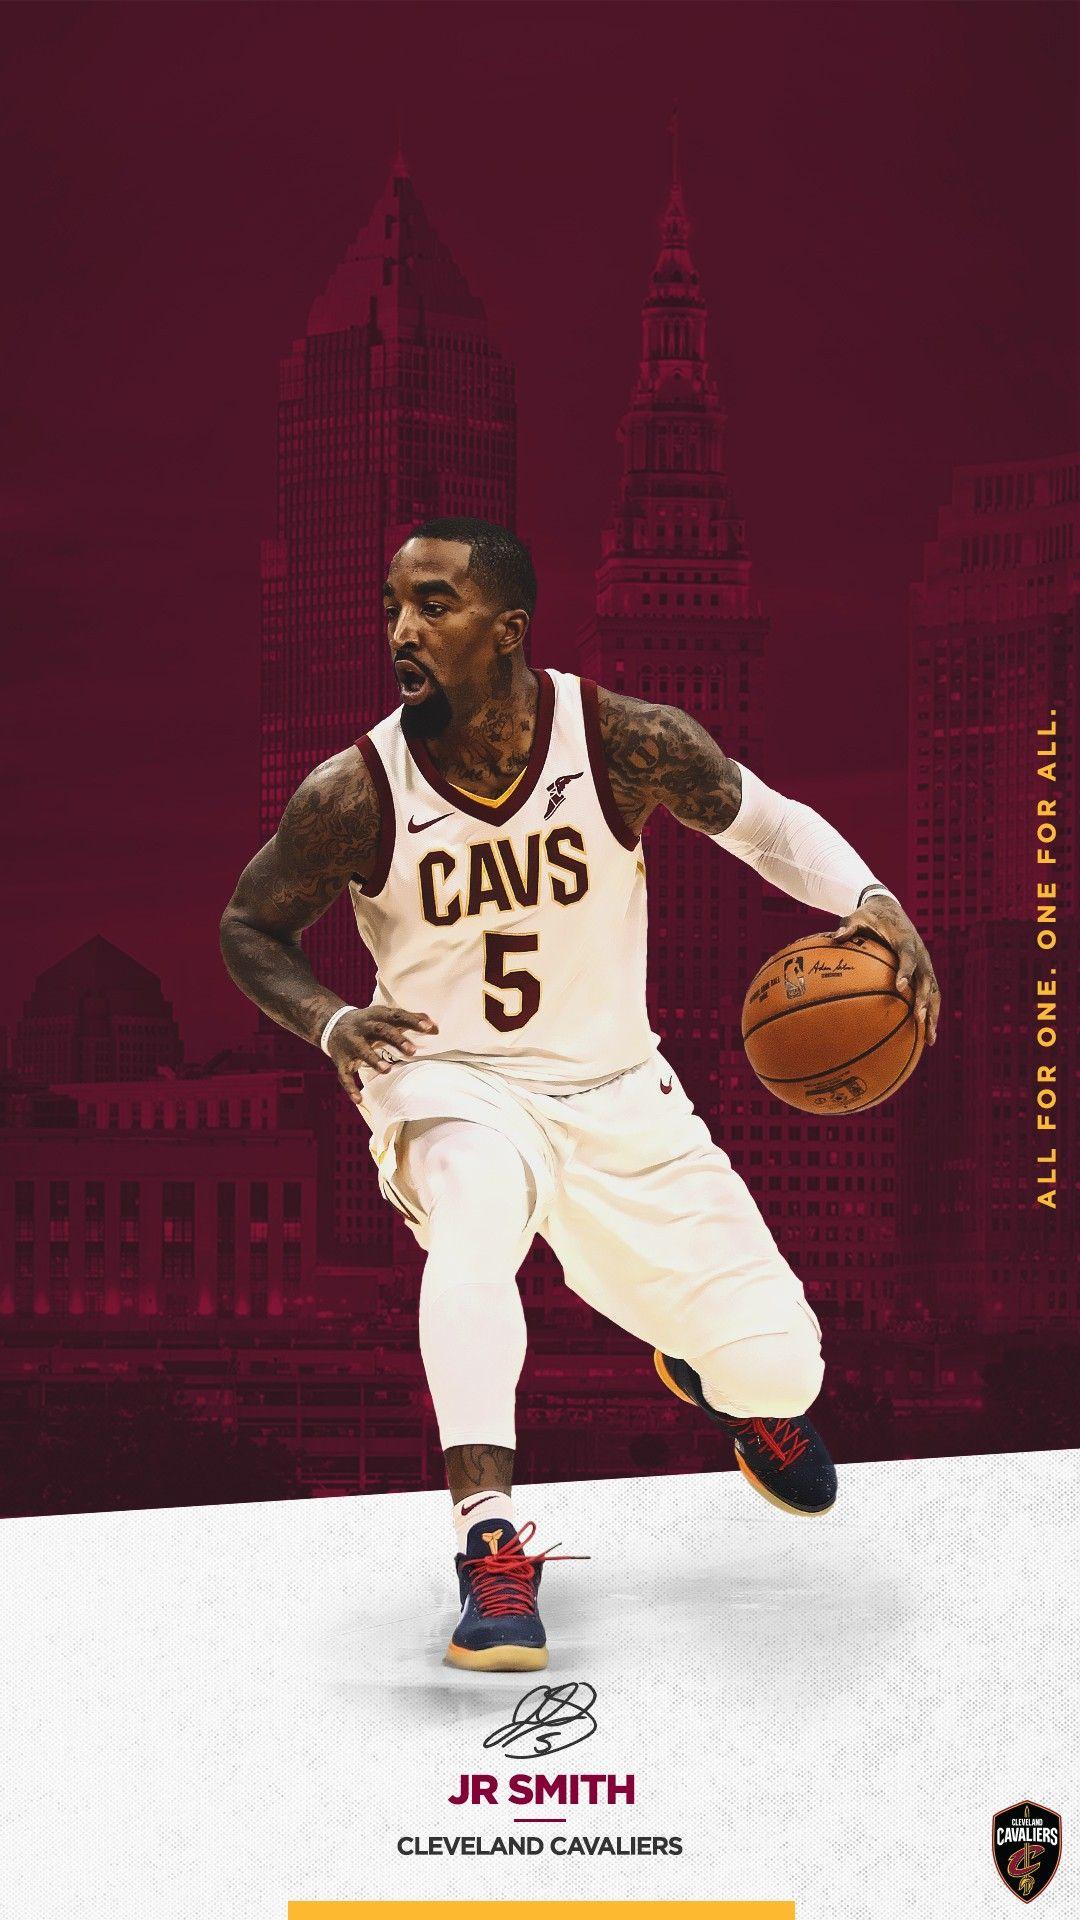 JR Smith Mobile Wallpaper Basketball Wallpapers Basketball 1080x1920